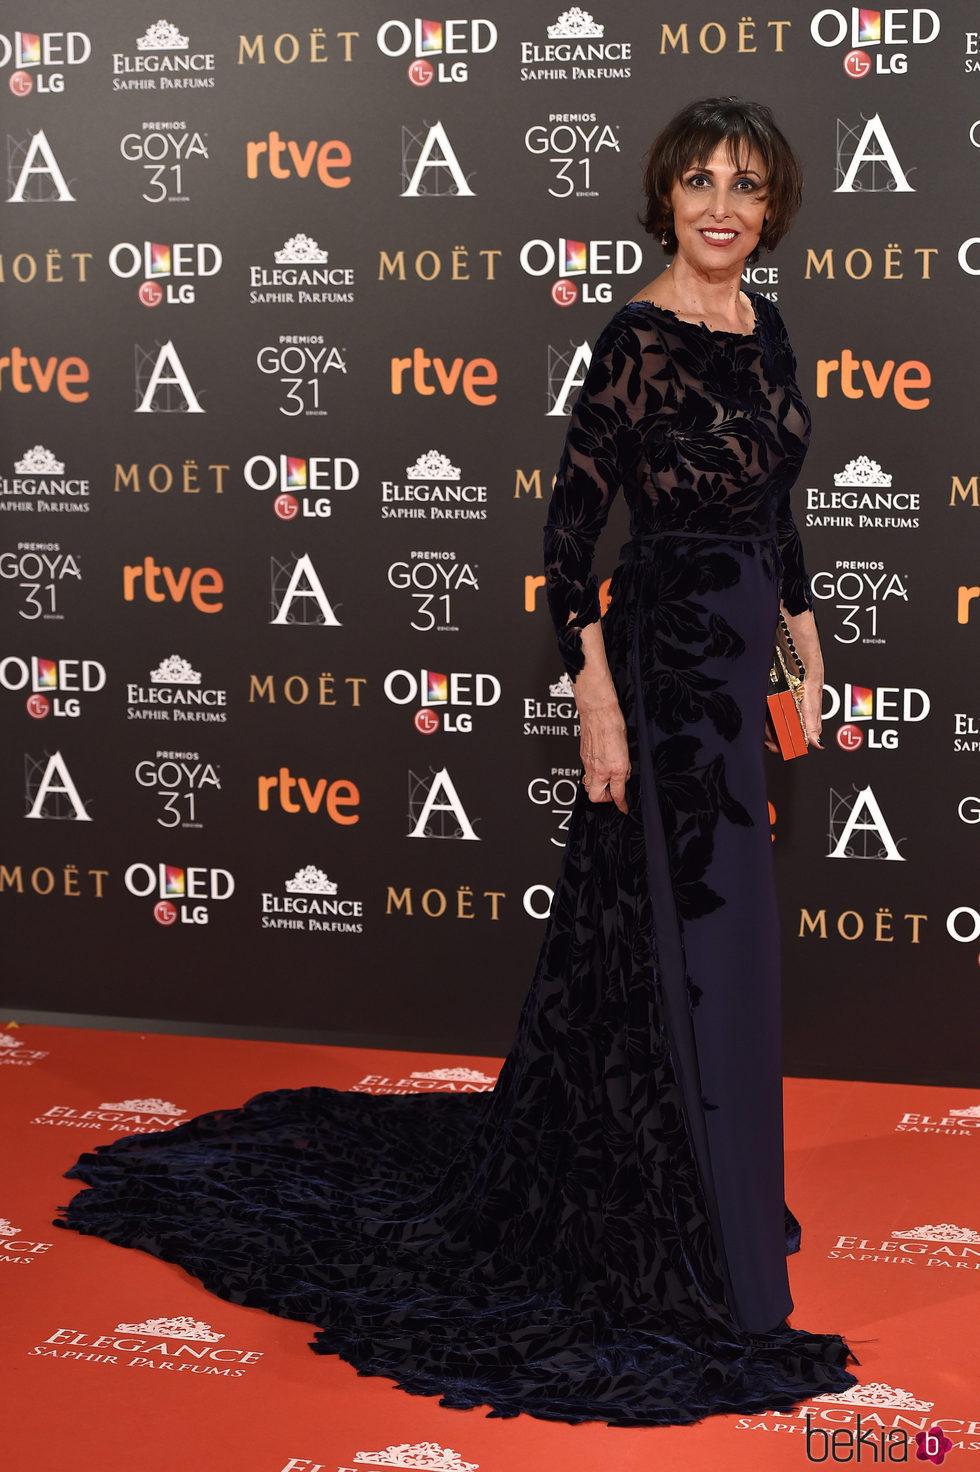 María Barranco en la alfombra roja de los Premios Goya 2017